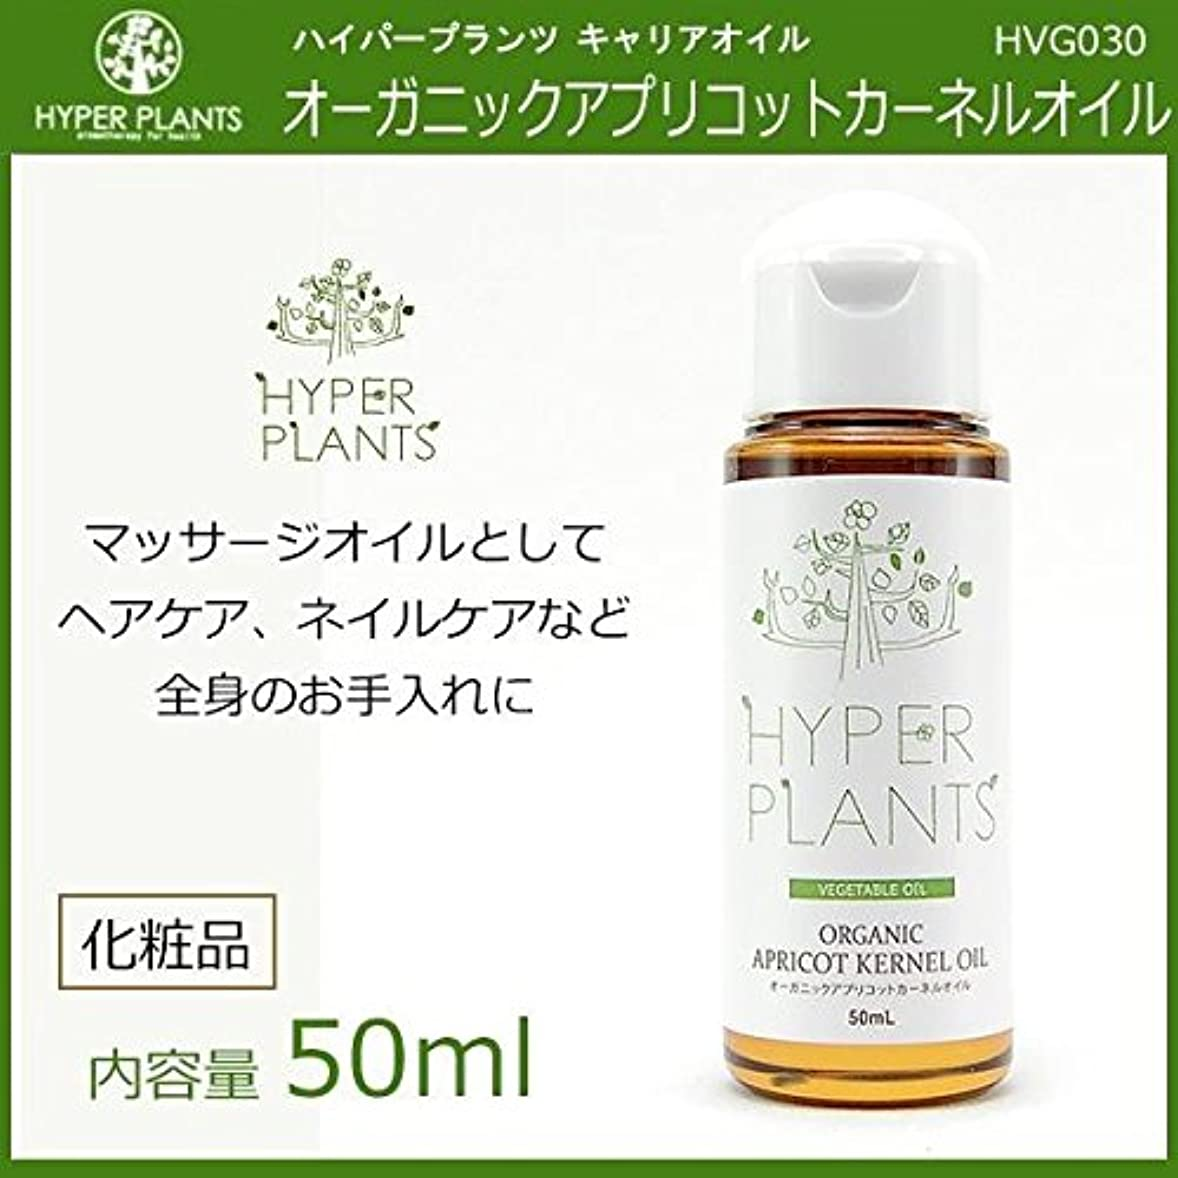 型下線世界の窓HYPER PLANTS ハイパープランツ キャリアオイル オーガニックアプリコットカーネルオイル 50ml HVG030